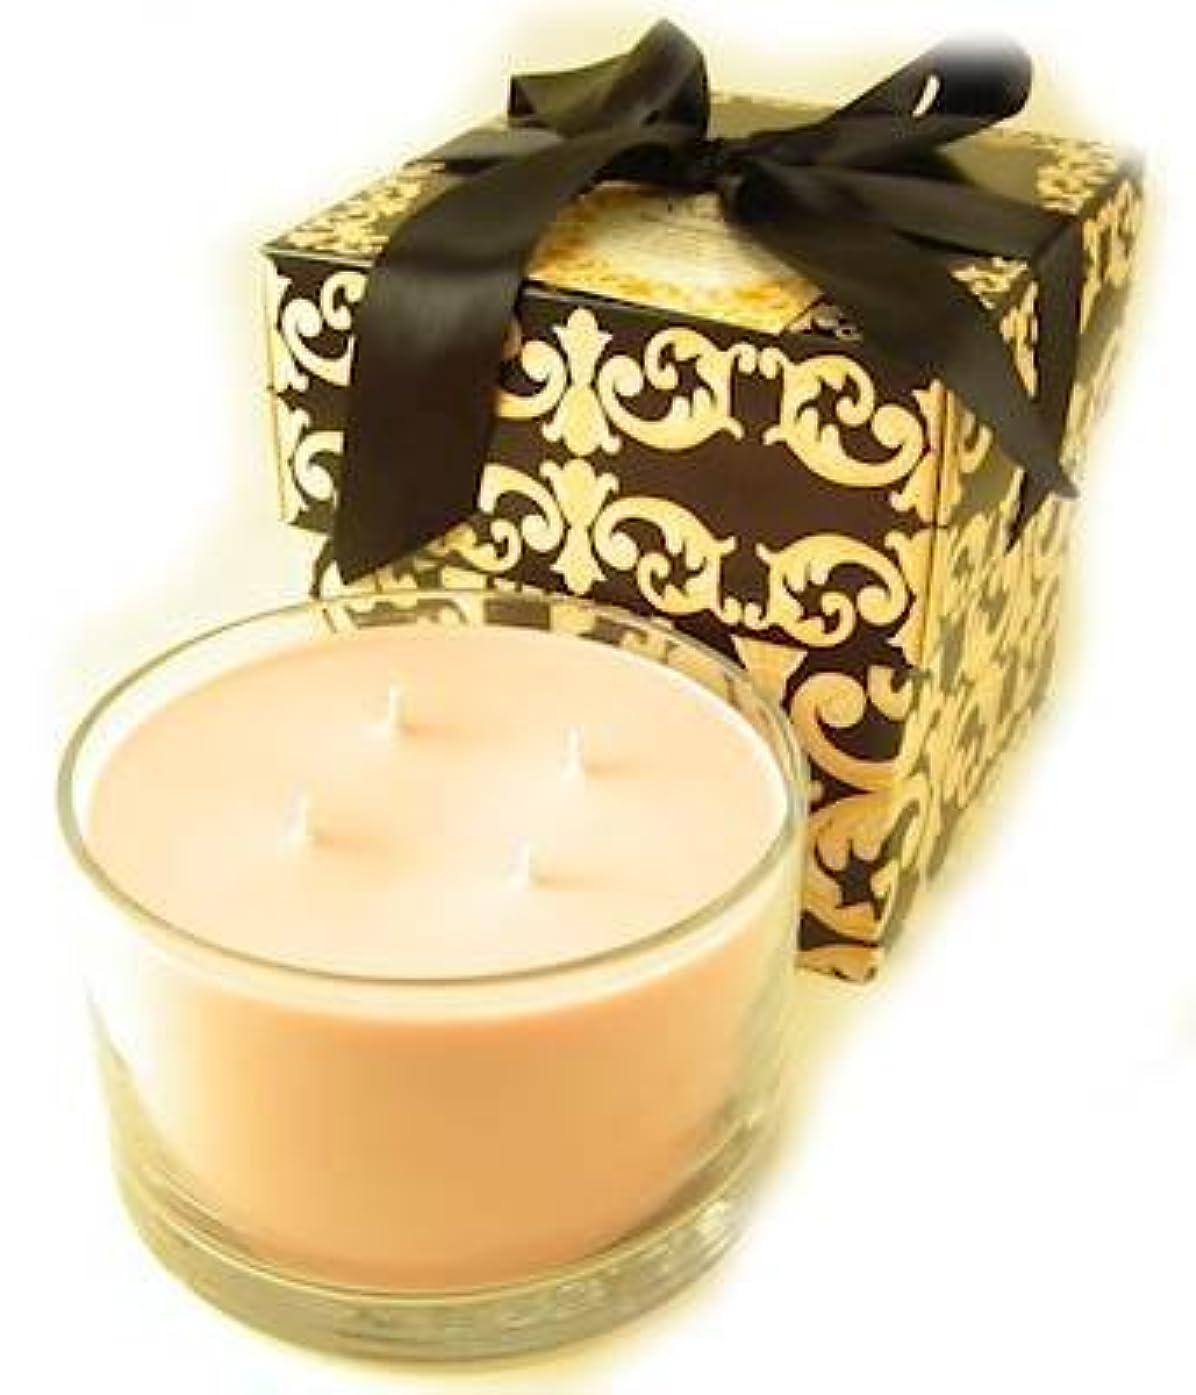 パス去るほんのBLESS YOUR HEART - EXCLUSIVE TYLER 1180ml 4-Wick Scented Jar Candle